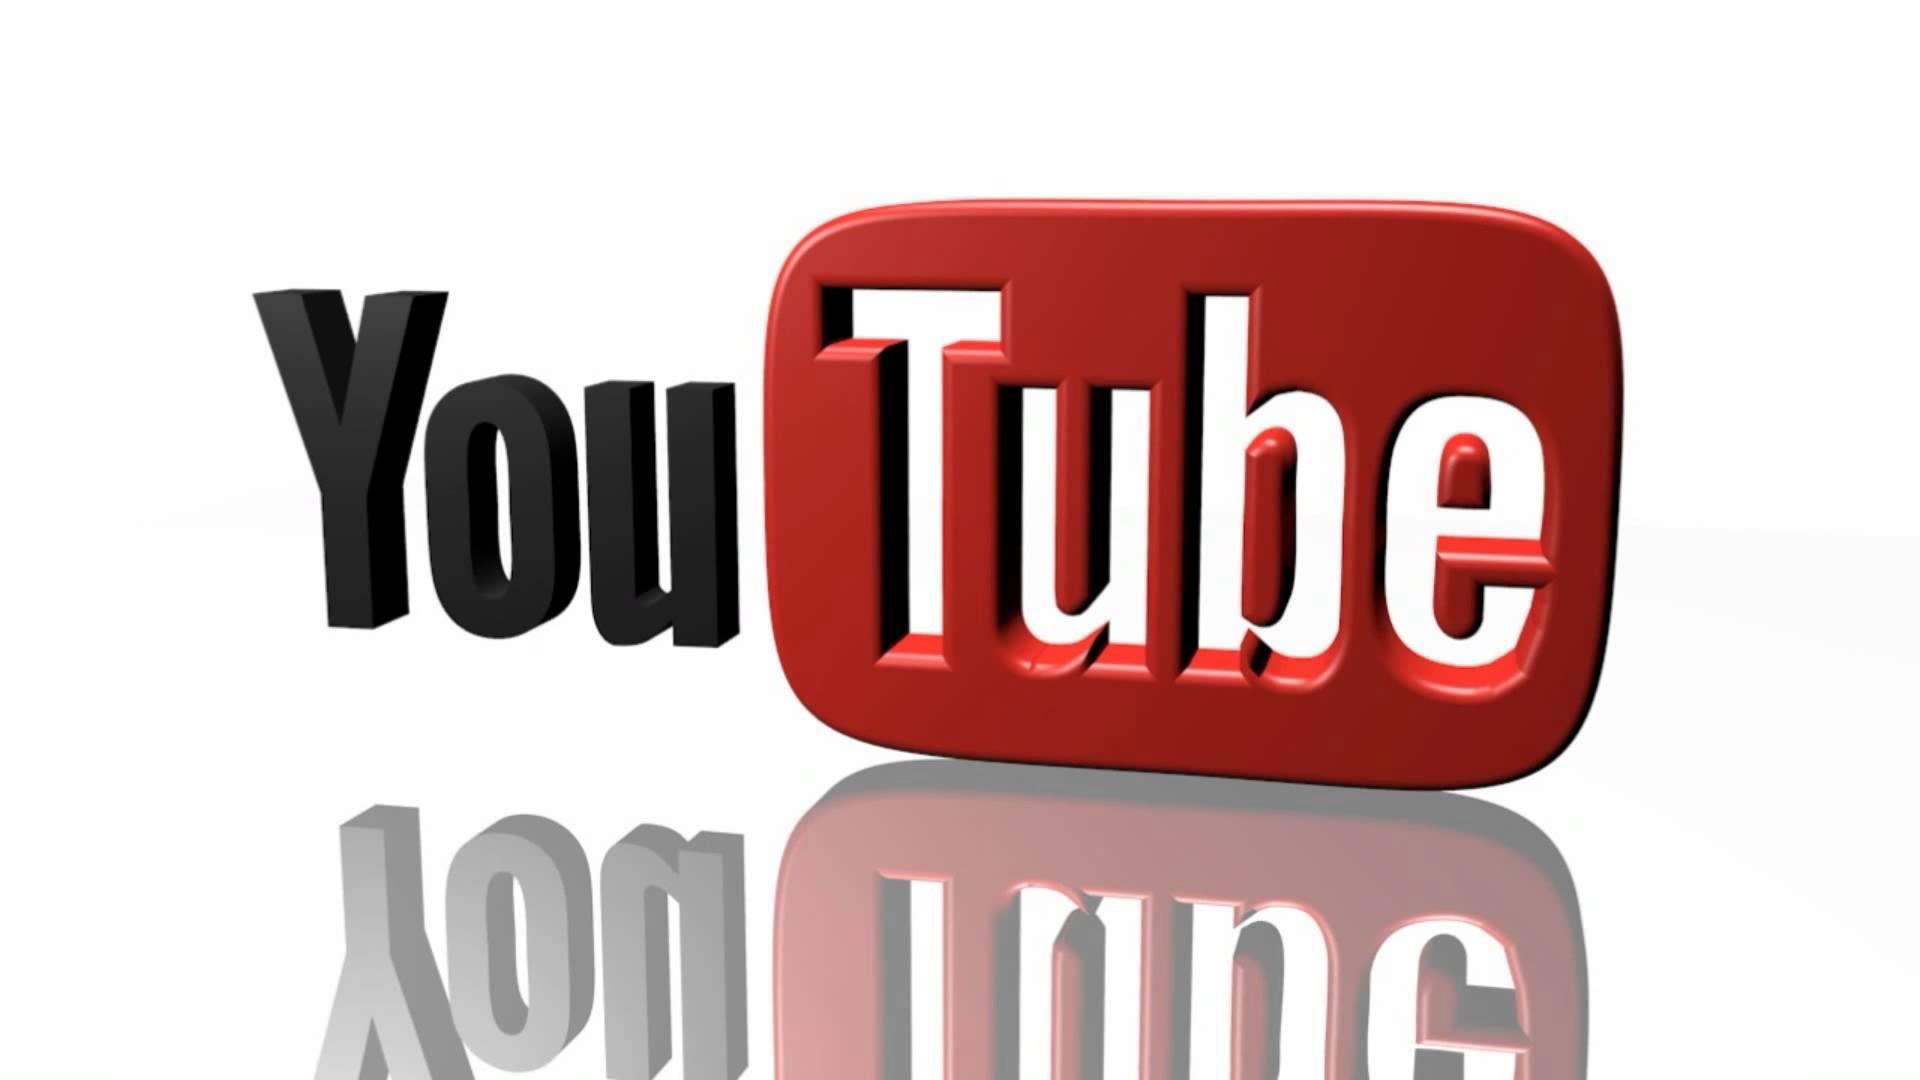 youtube logo background